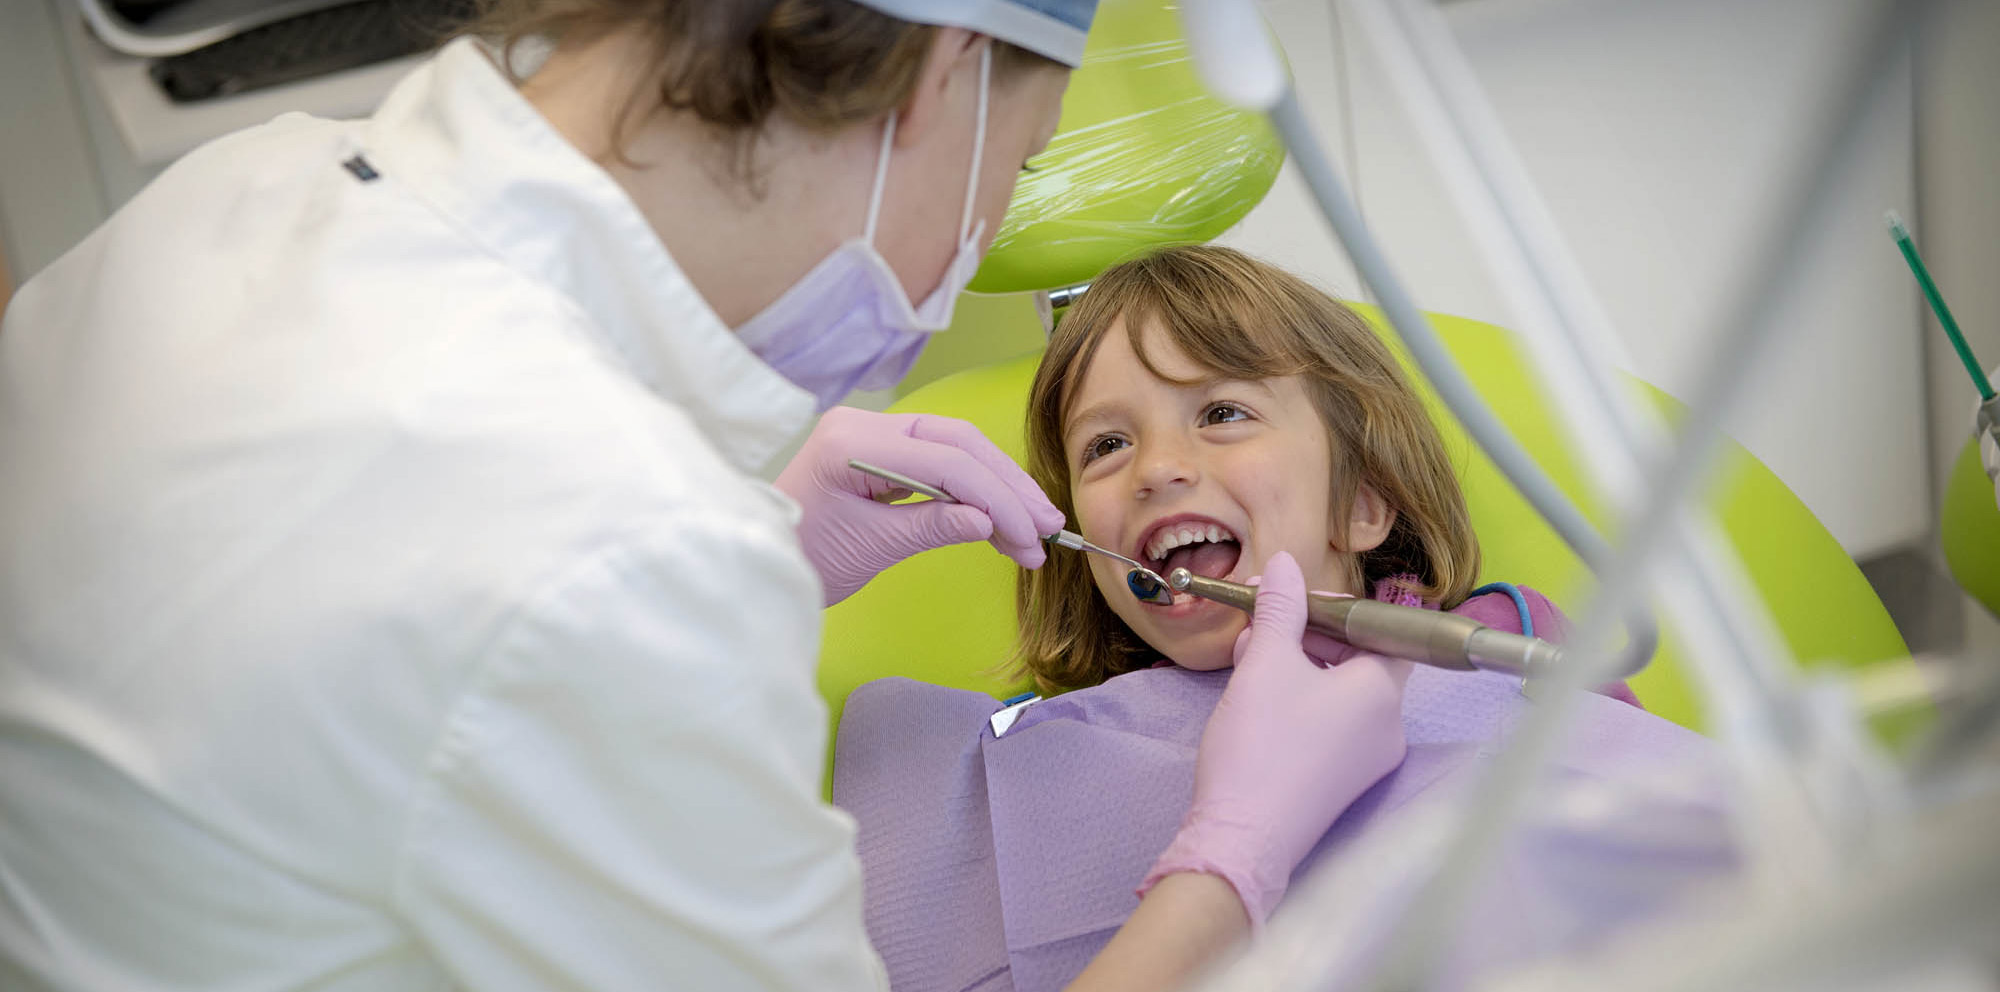 Protocollo dentistico per l'infanzia